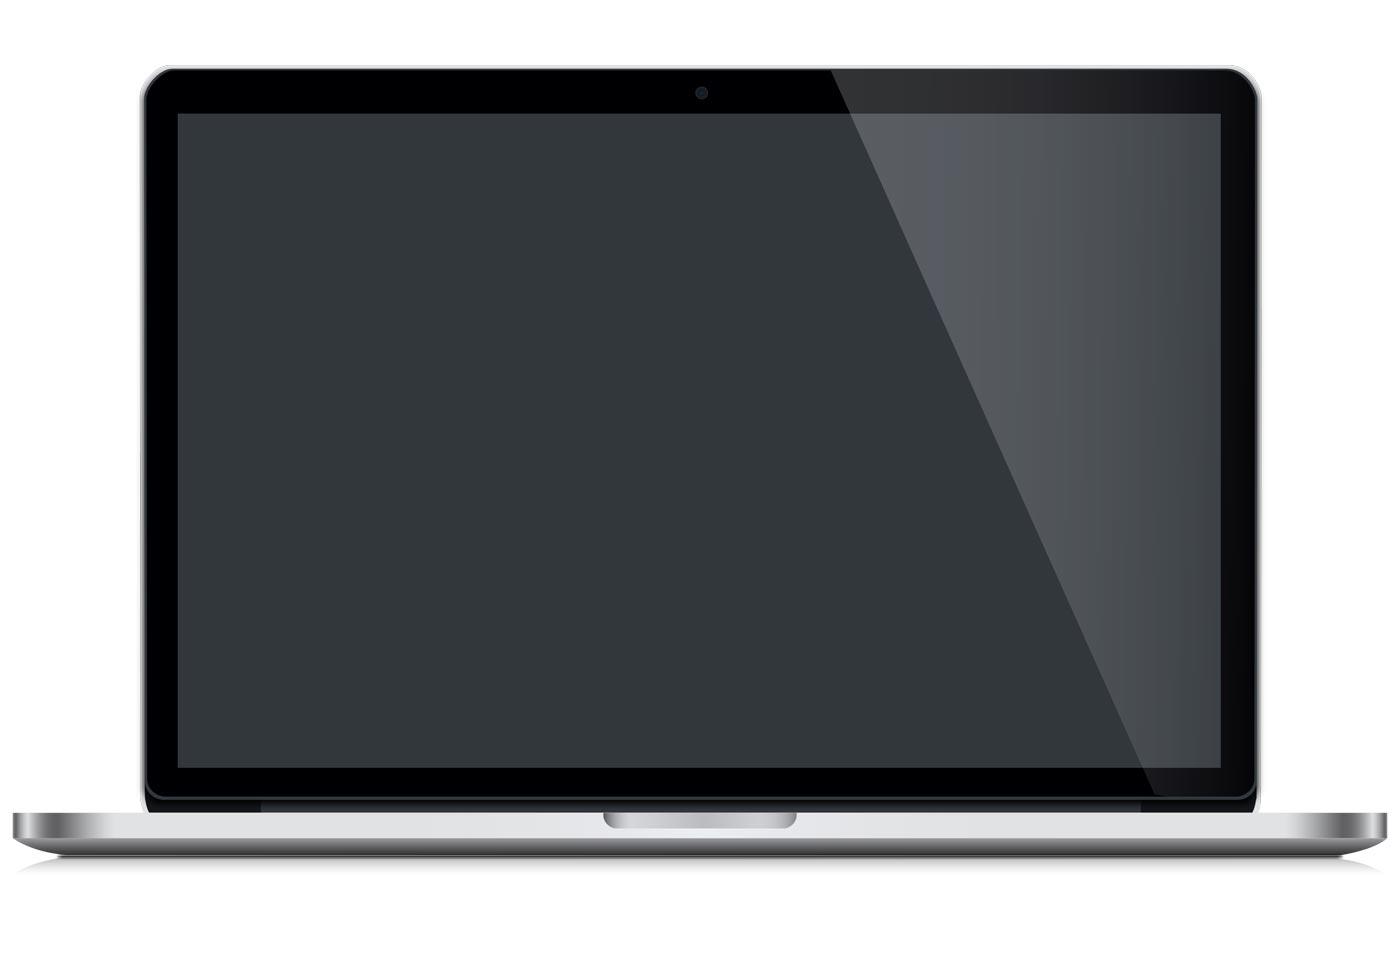 Macbook Pro Vector Download Free Vector Art Stock